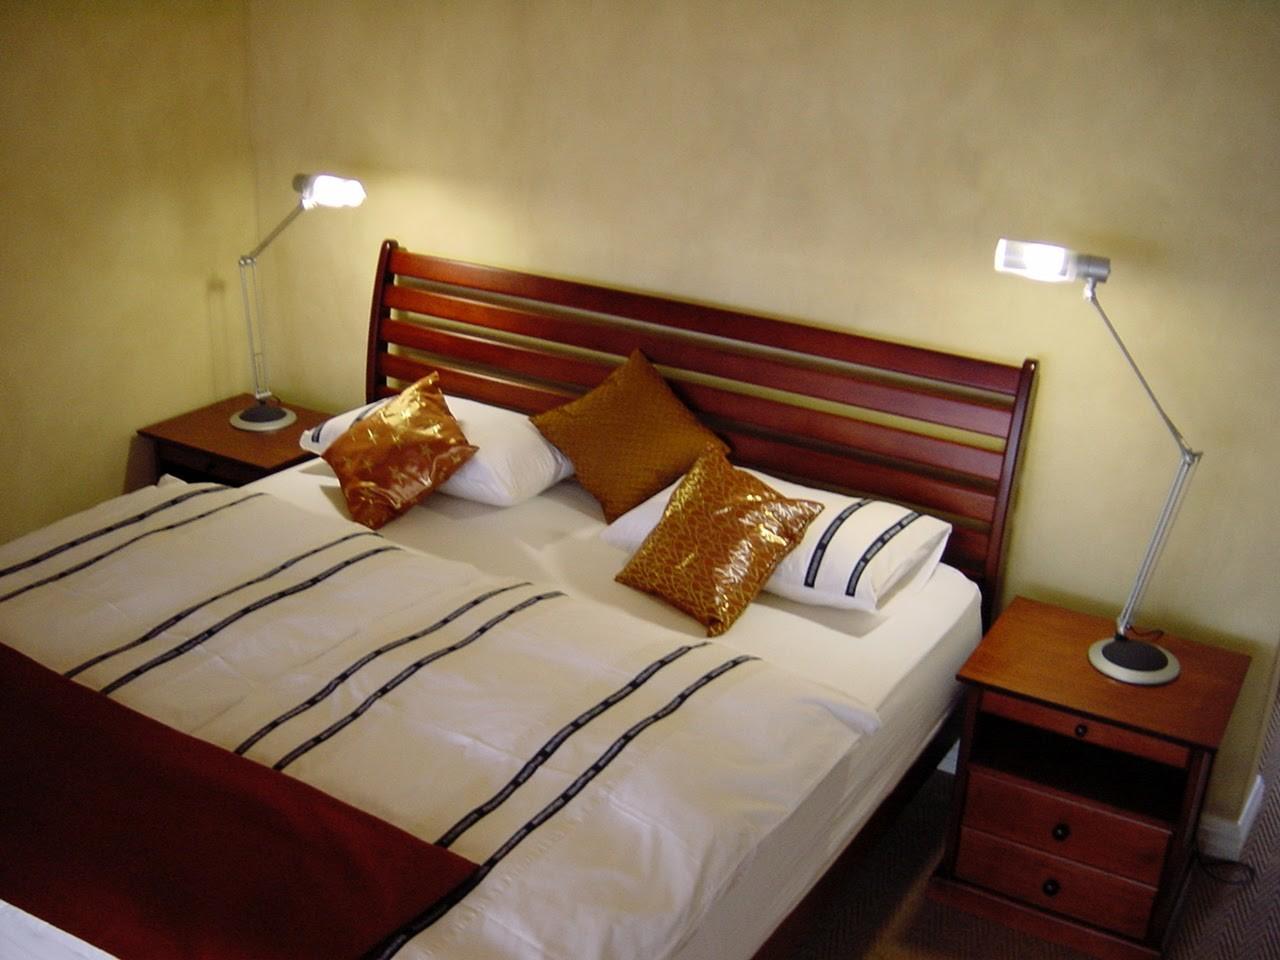 Das Vogelstrauß Zimmer ist mit einem King Size Doppelbett (mit qualitativ hochwertigen Matratzen) und einem umfassenden Schrankraum ausgestattet.